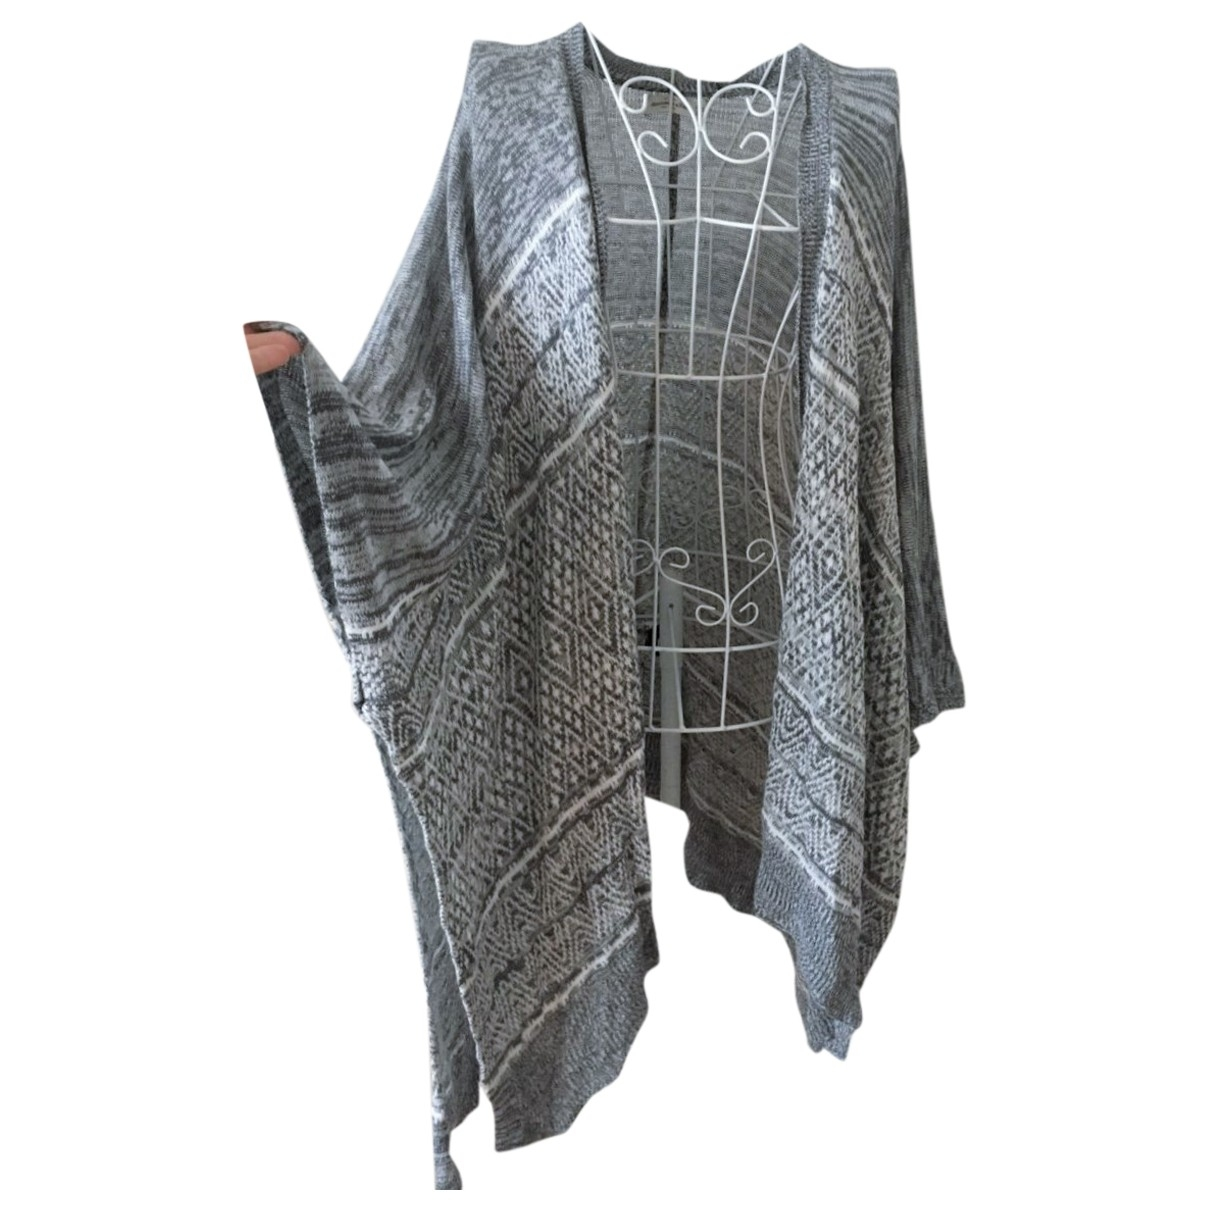 Abercrombie & Fitch \N Grey Knitwear for Women S International